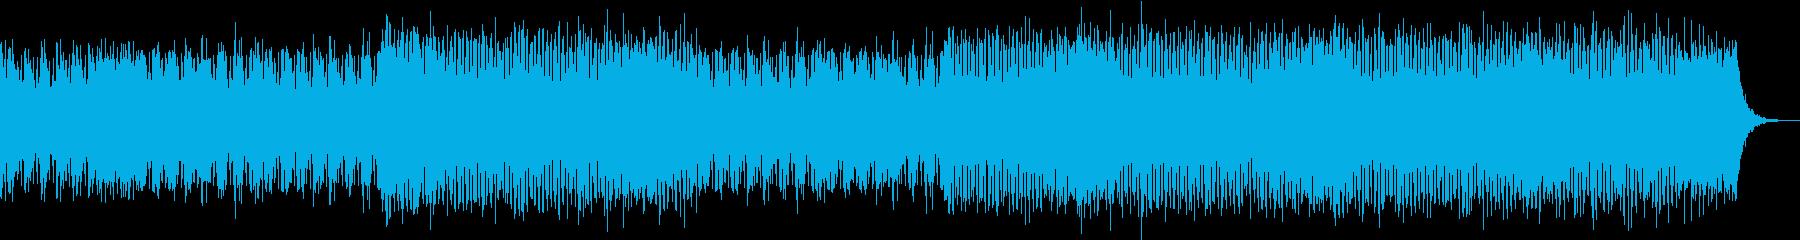 飛び上がるTranceの再生済みの波形